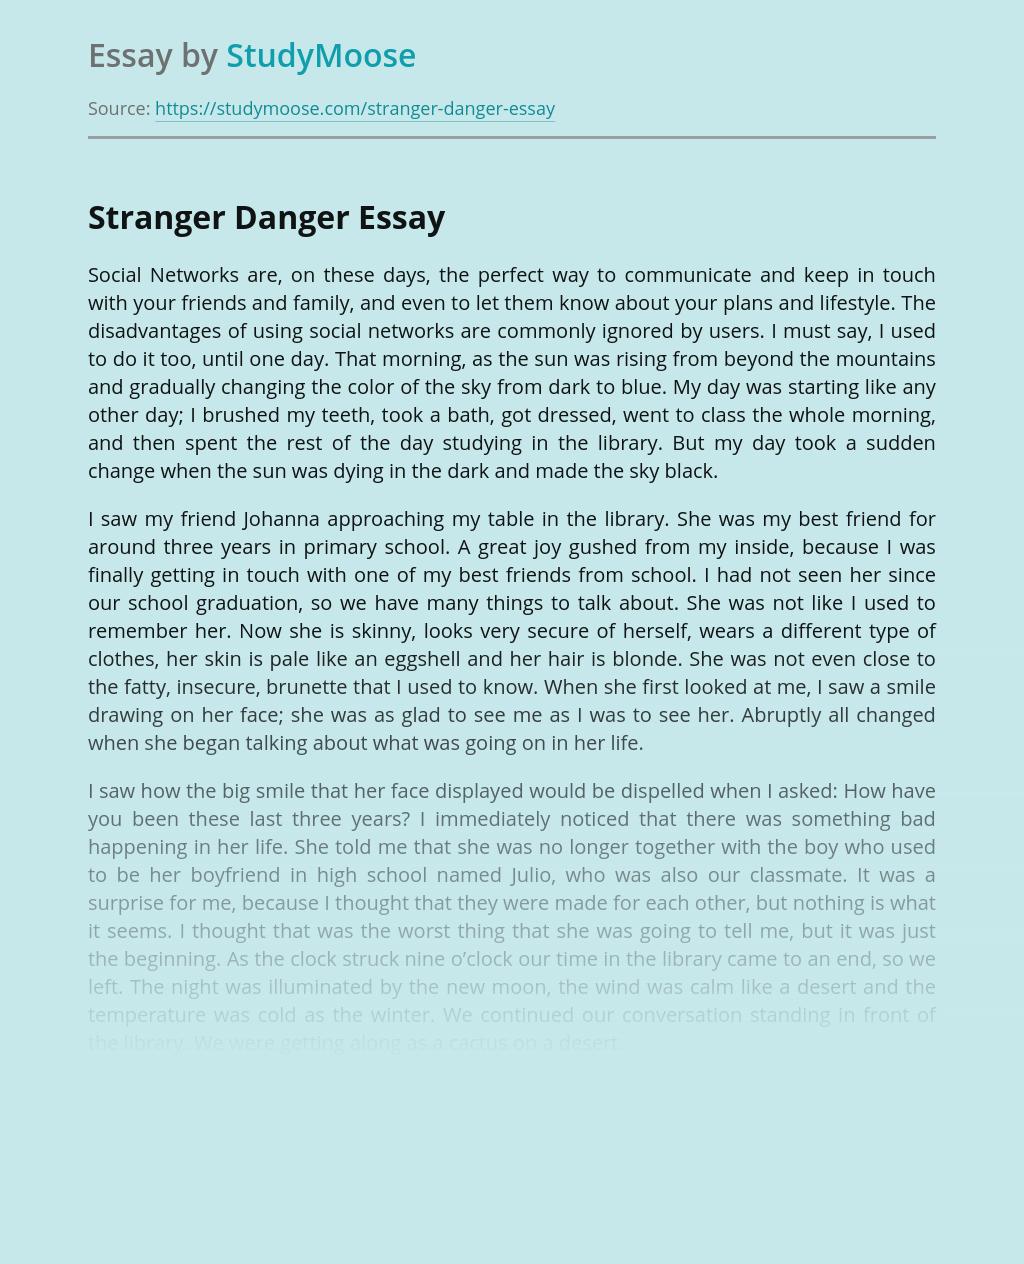 Stranger Danger in Social Networks